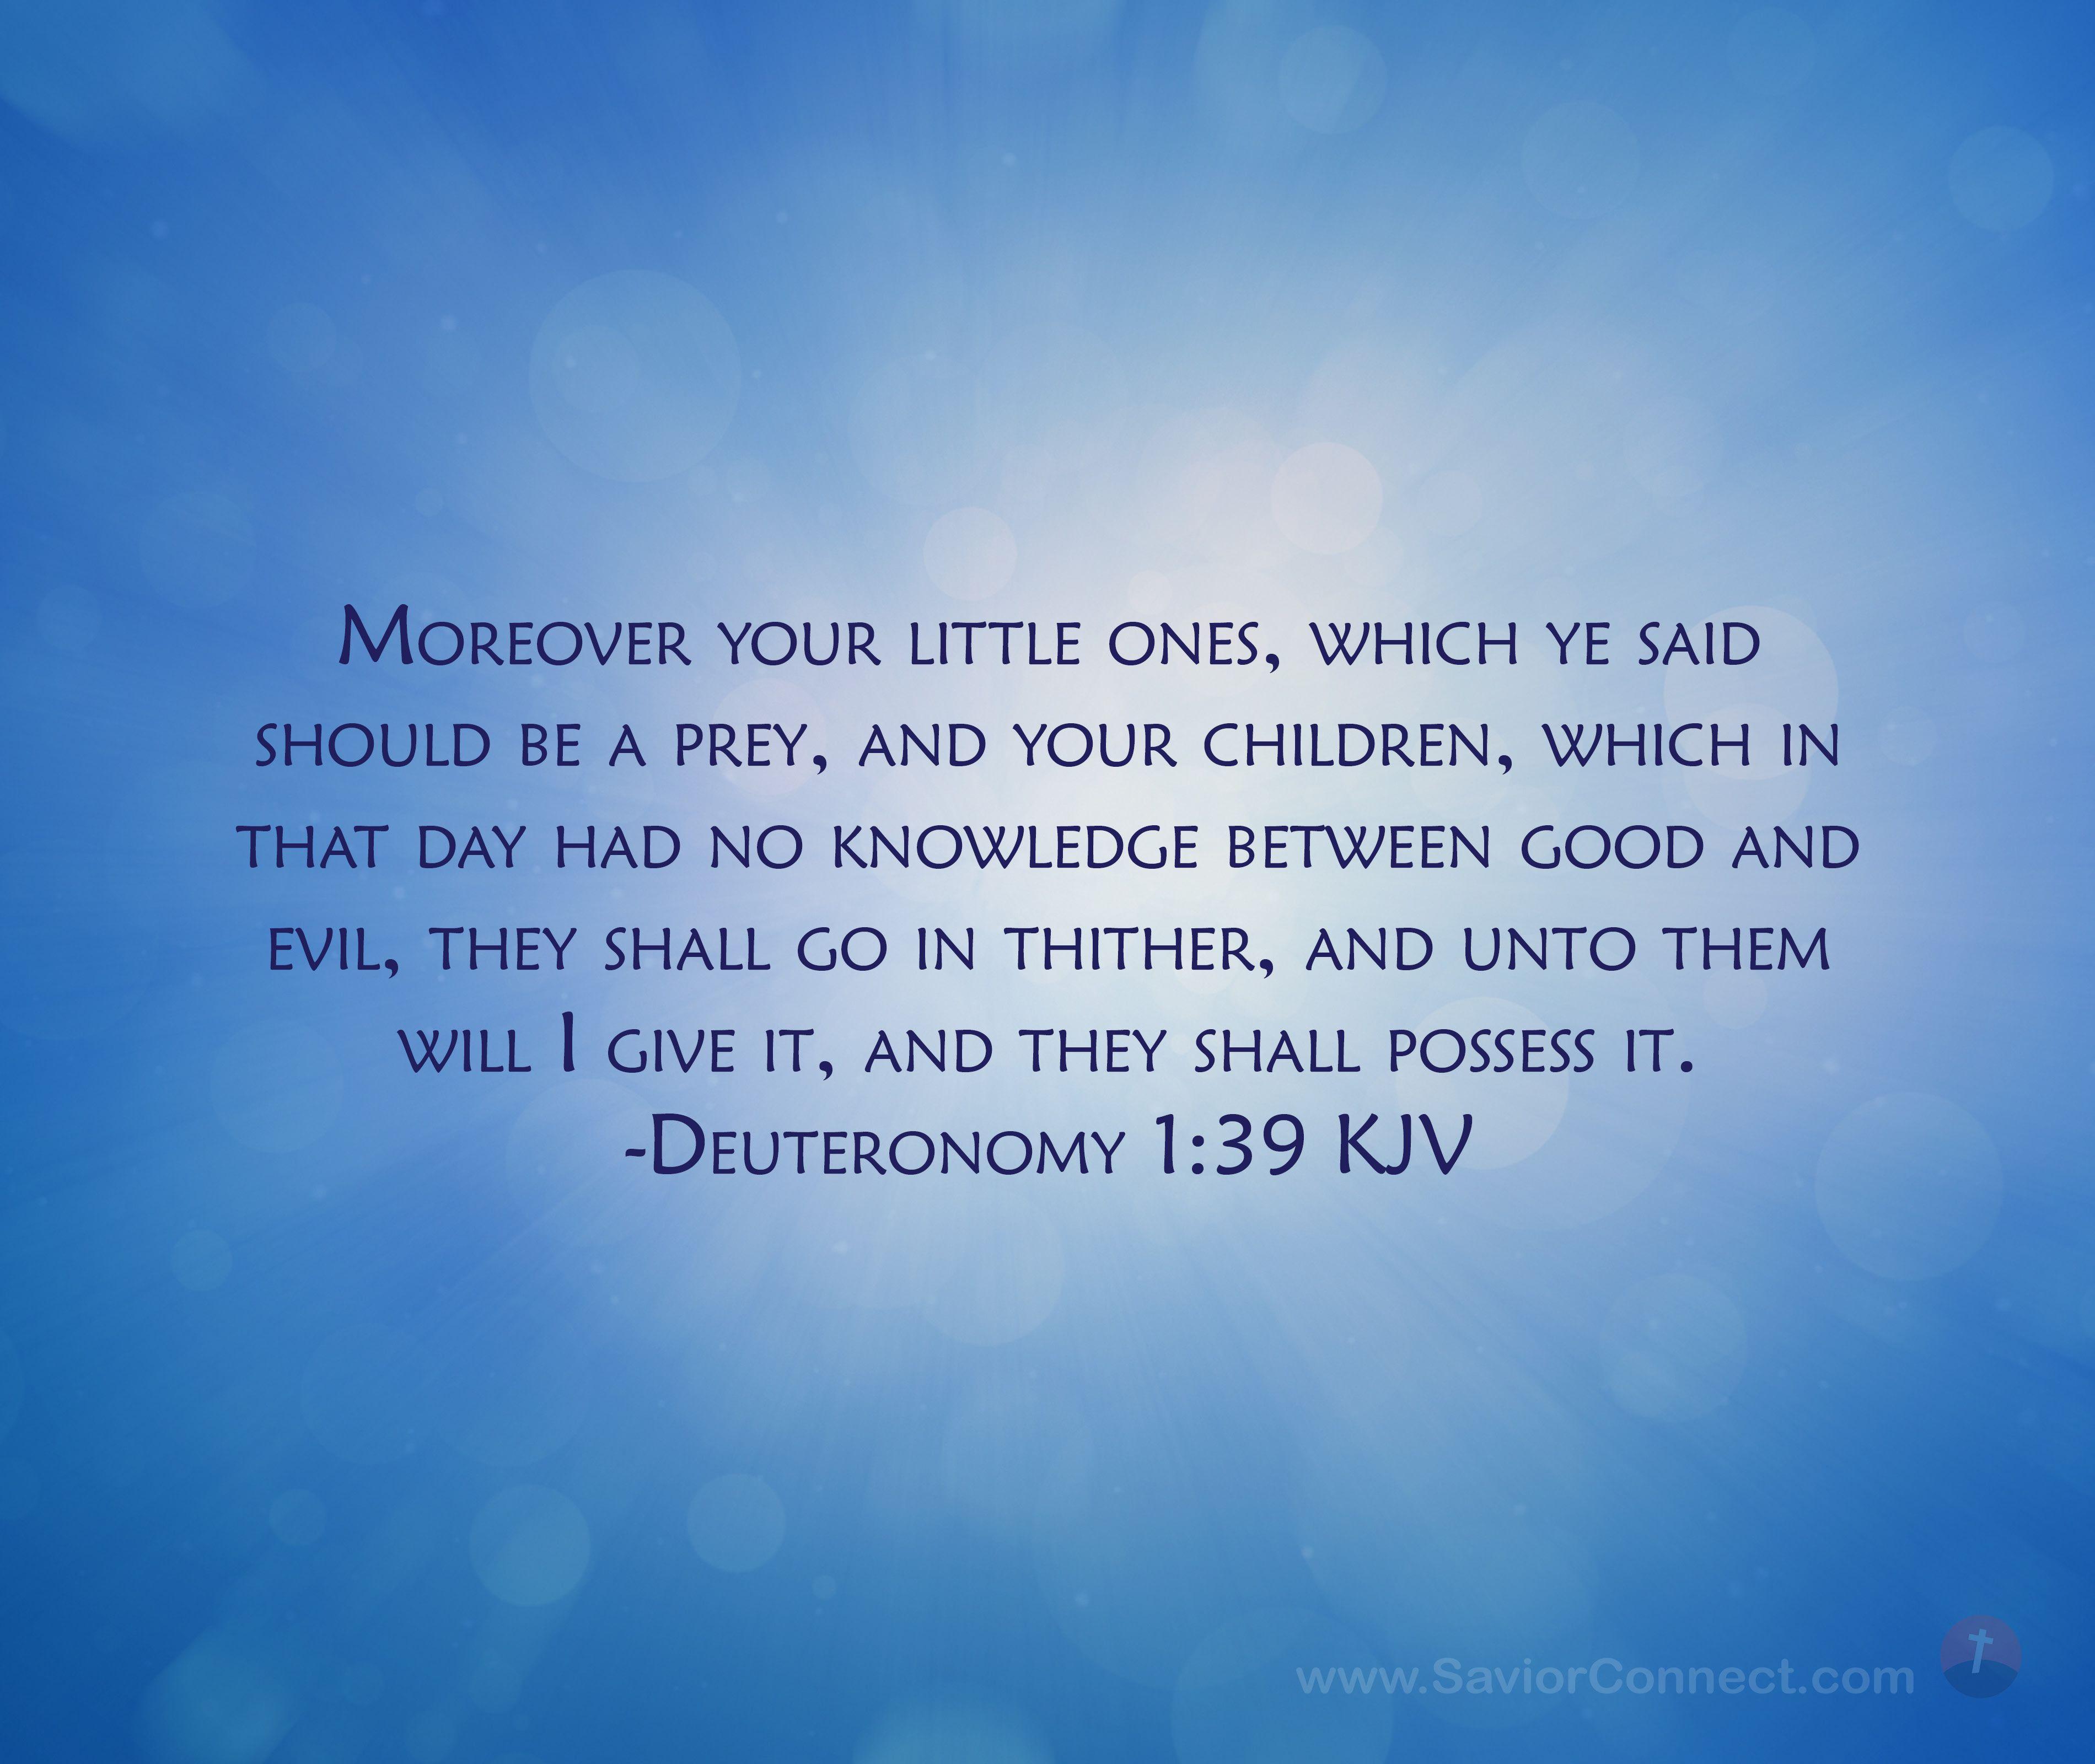 Deuteronomy 1:39 King James Version in 2020 | Scripture images, Kjv, King james version